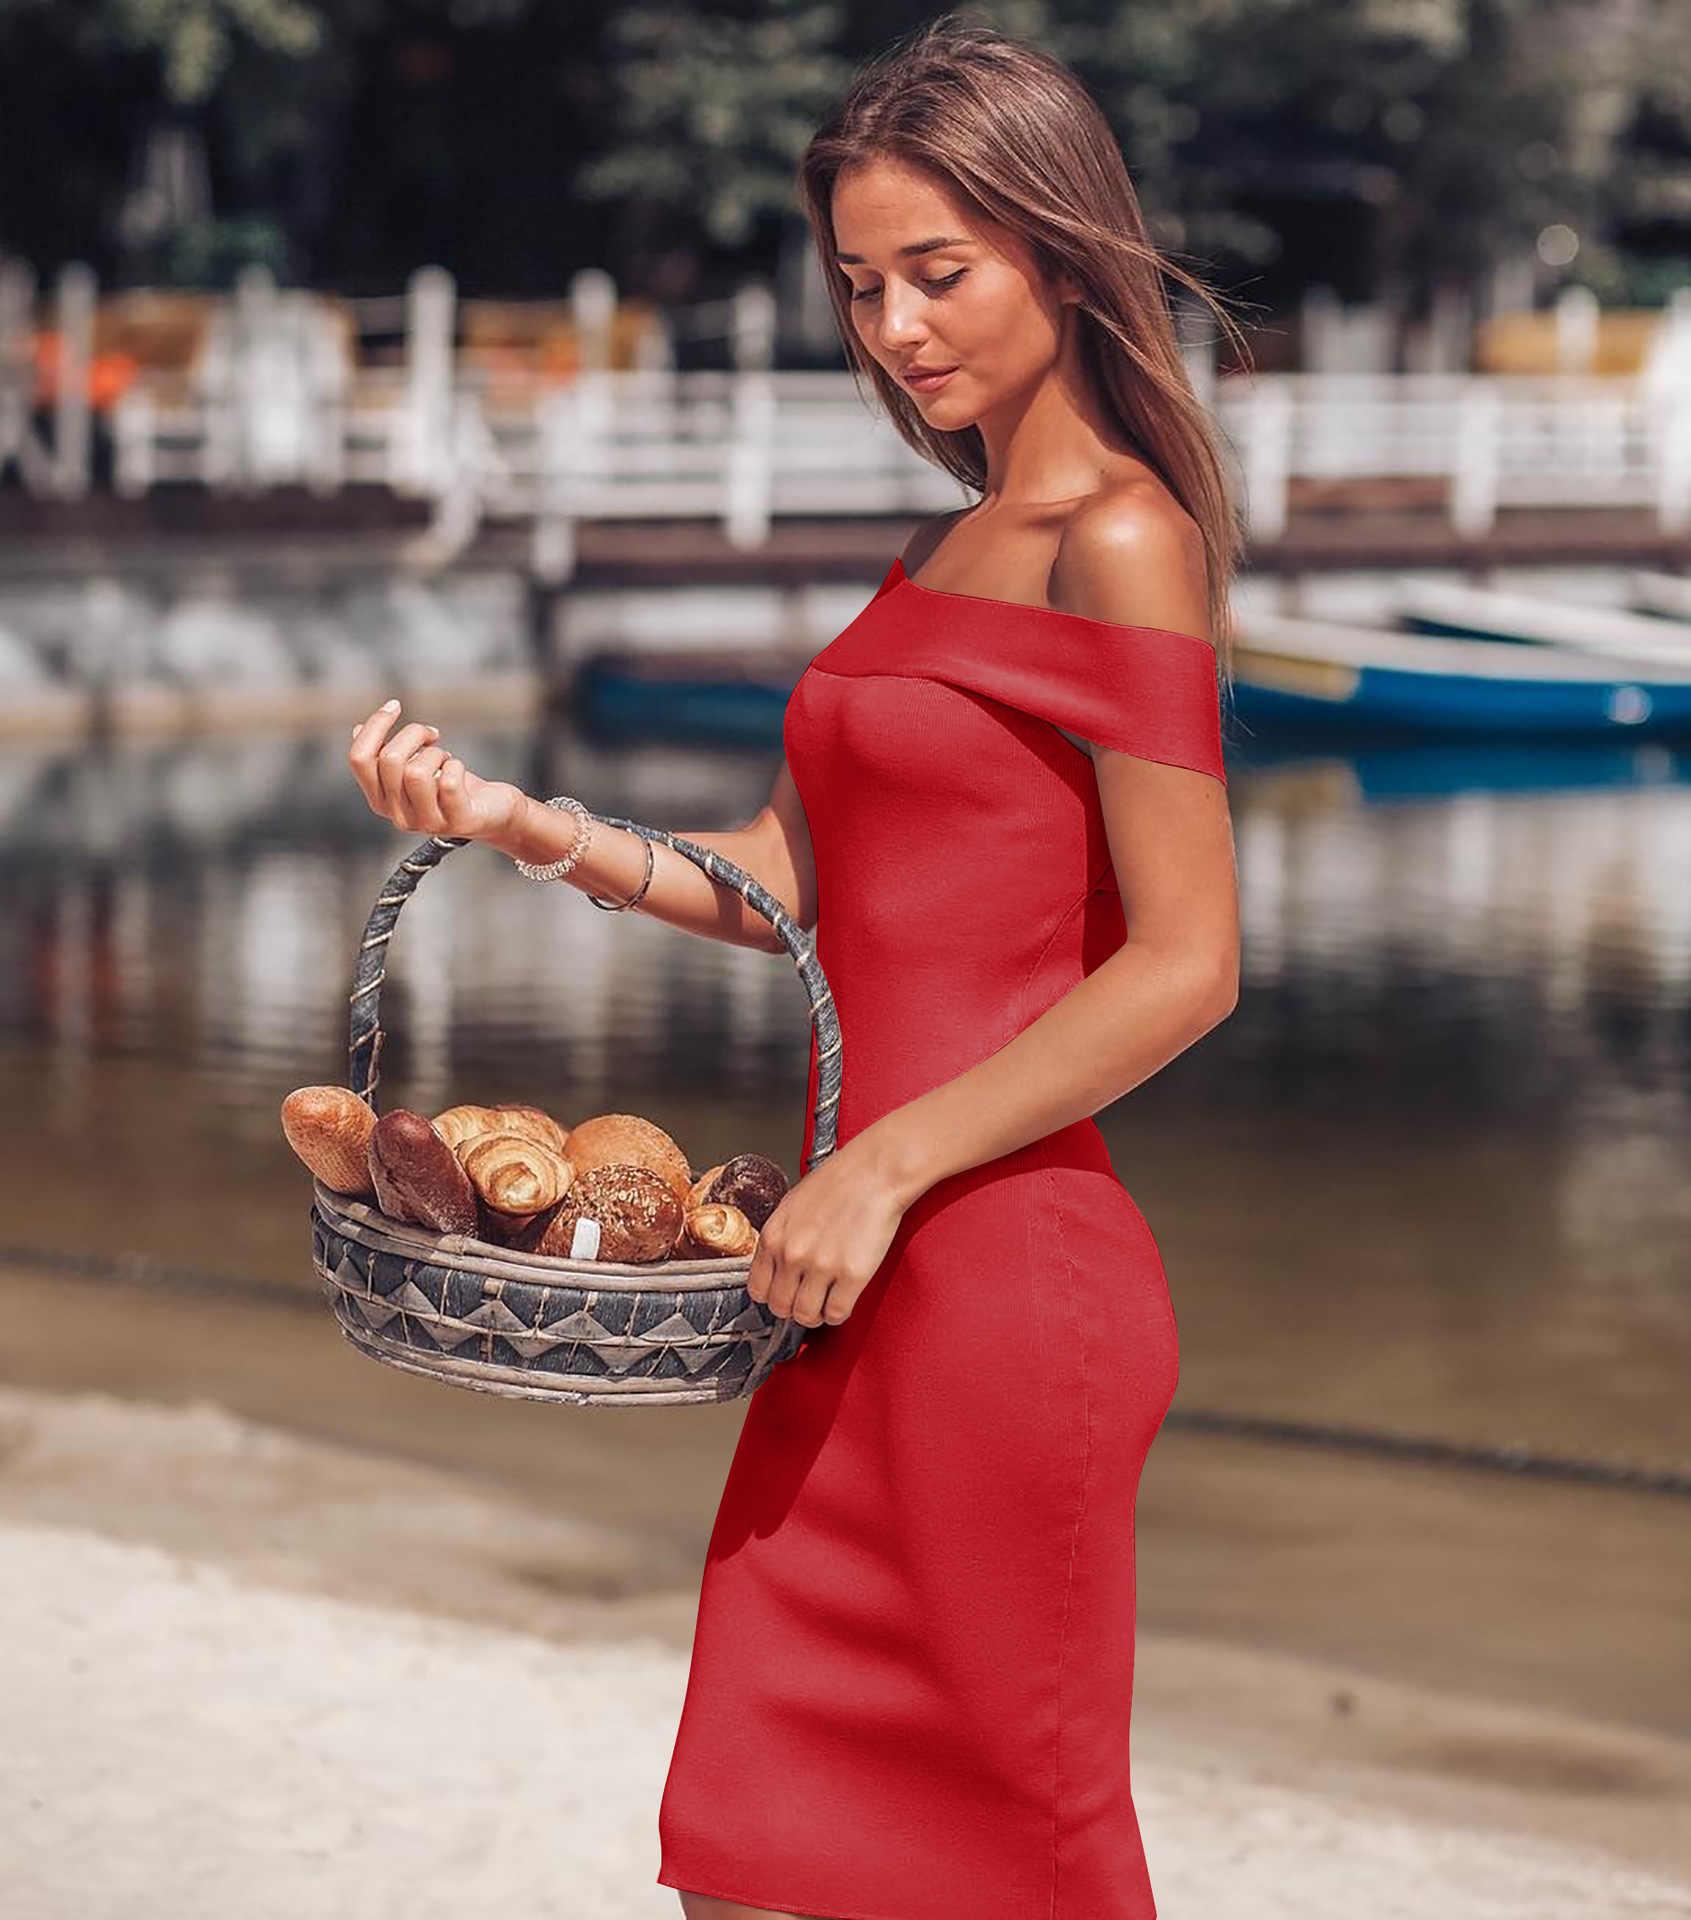 Без бретелек сексуальное платье с открытыми плечами летнее женское черное красное базовое облегающее платье без бретелек эластичное Бандажное платье Femme 2019